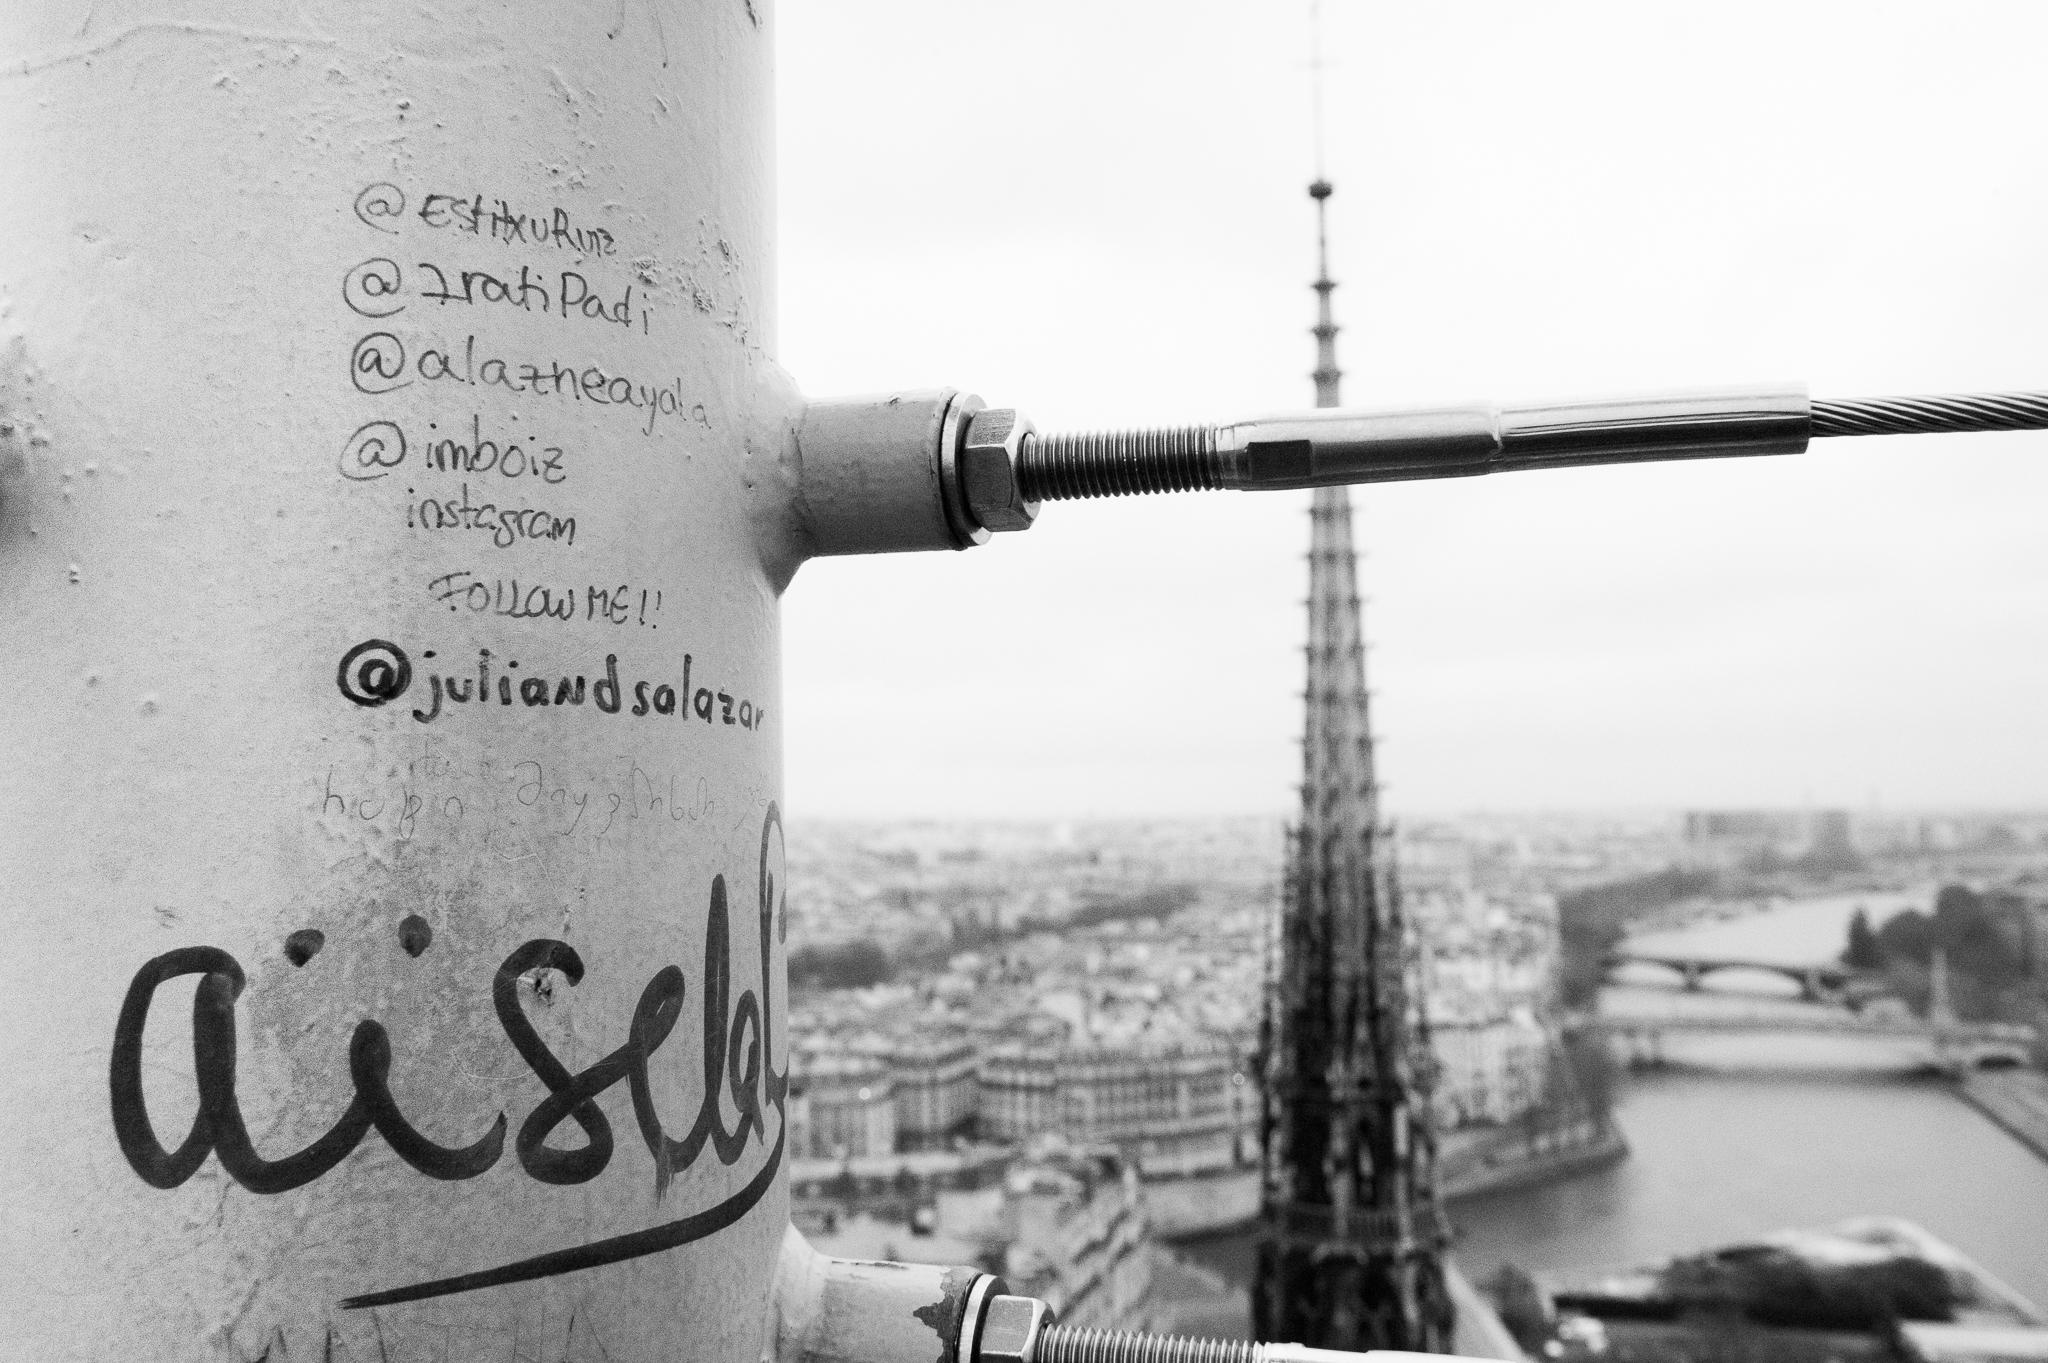 Jason-Davis-Images-Paris-0008.jpg